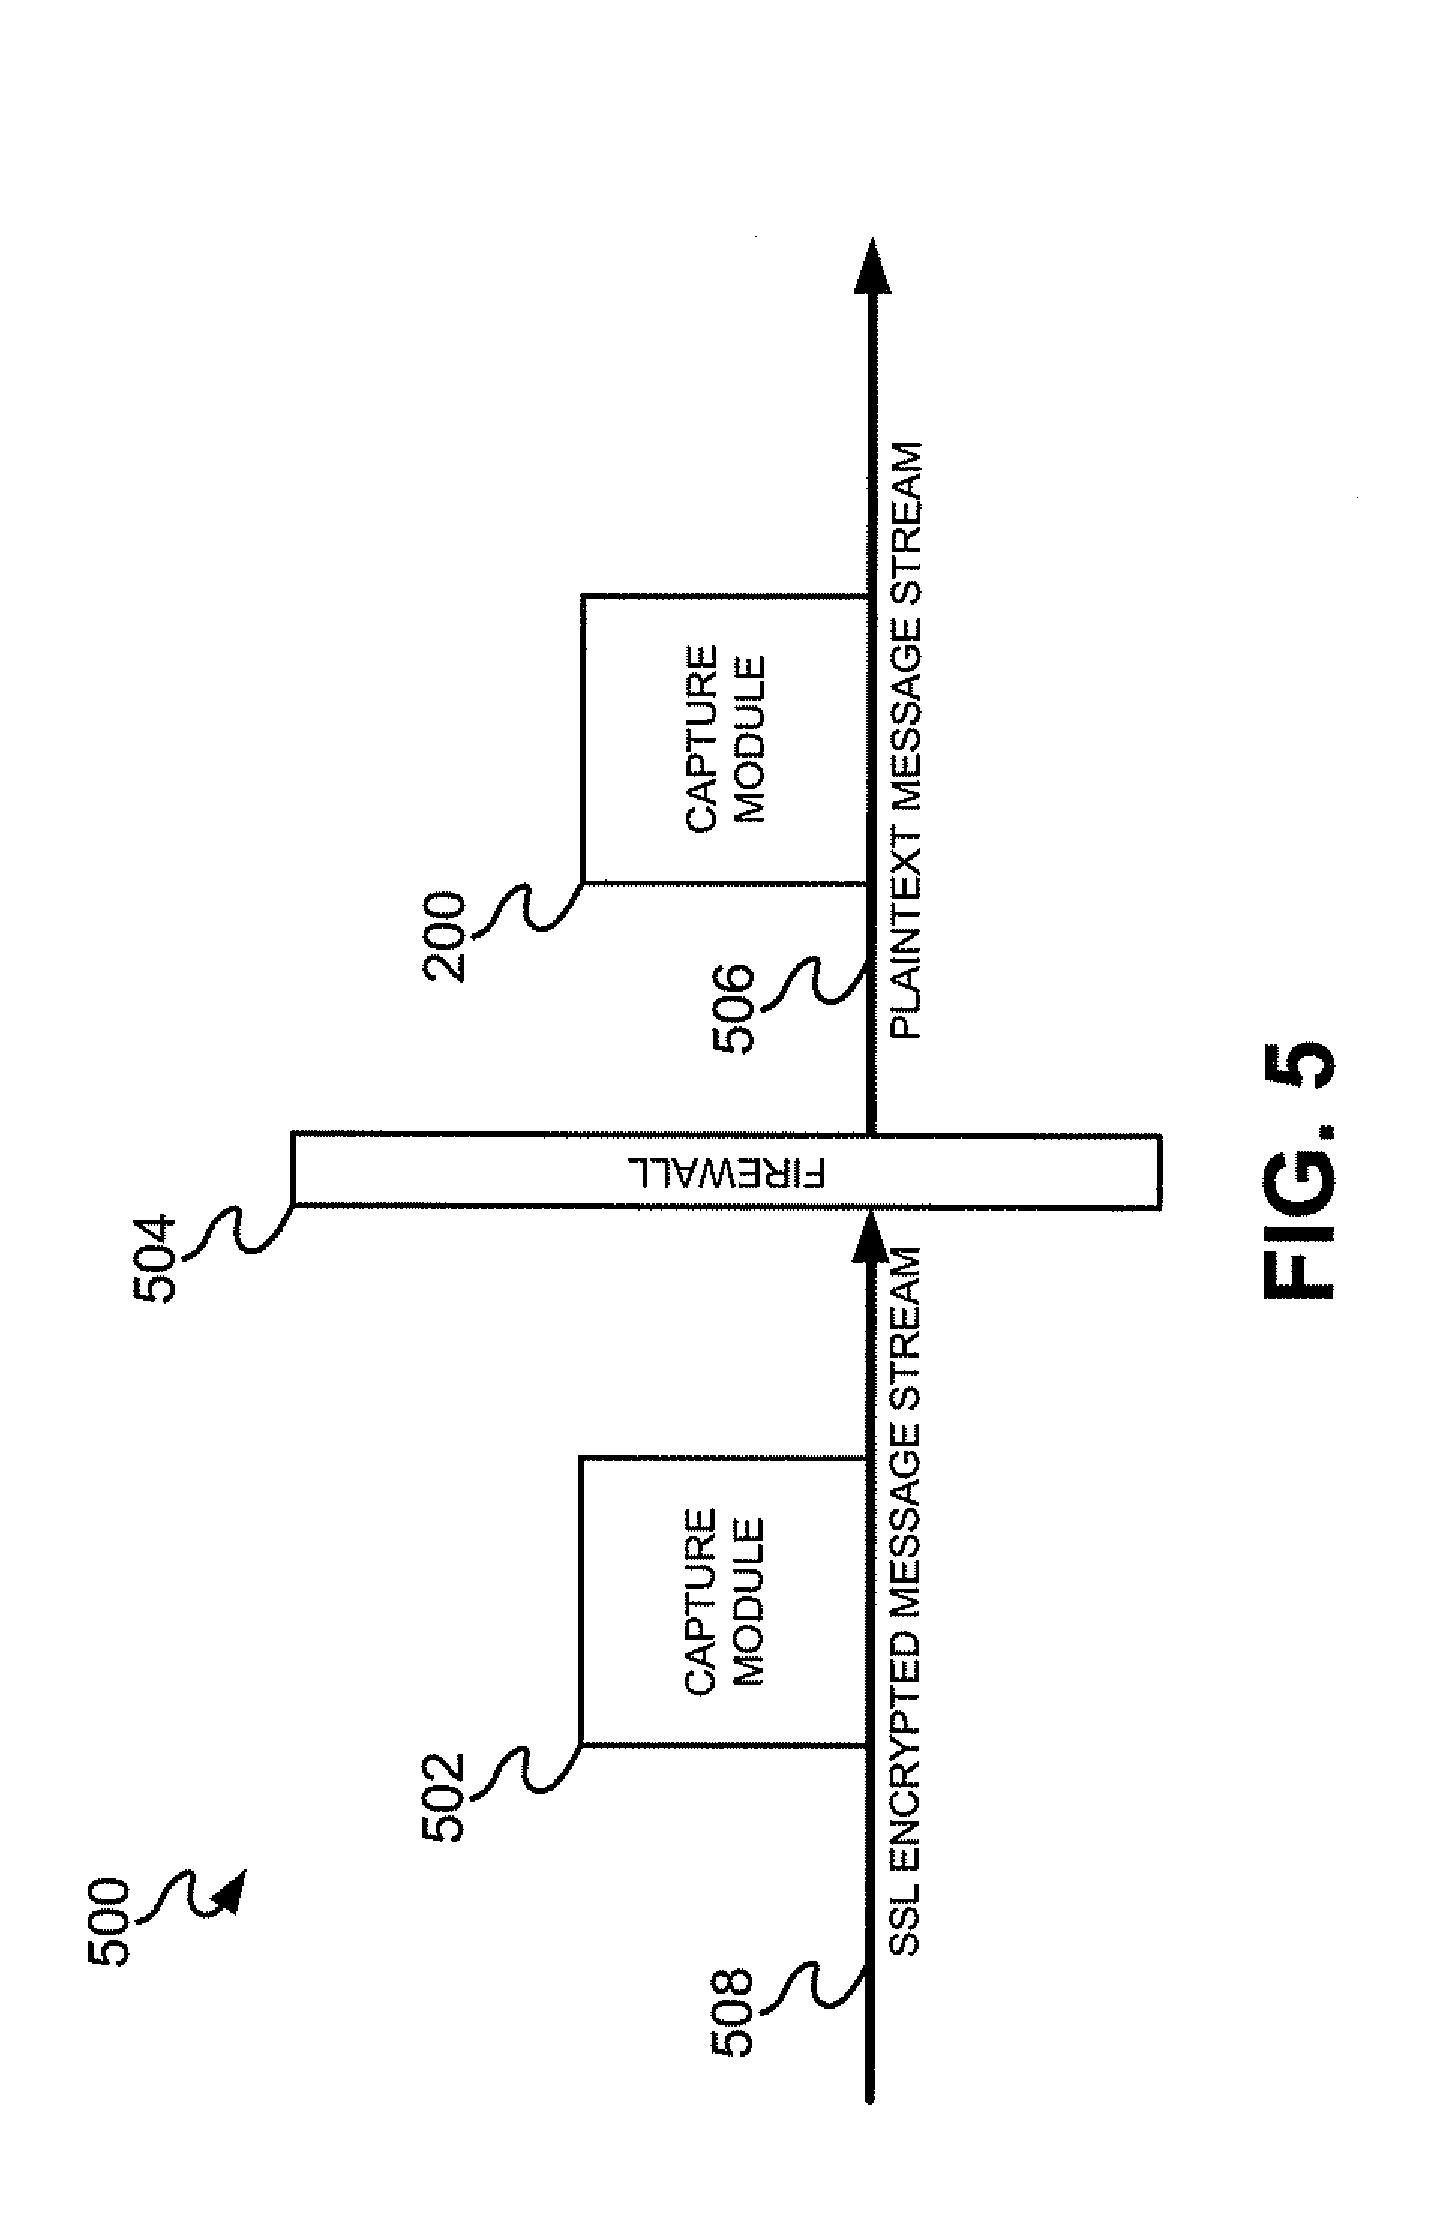 Circuit Diagram Xml Blueraritan Info